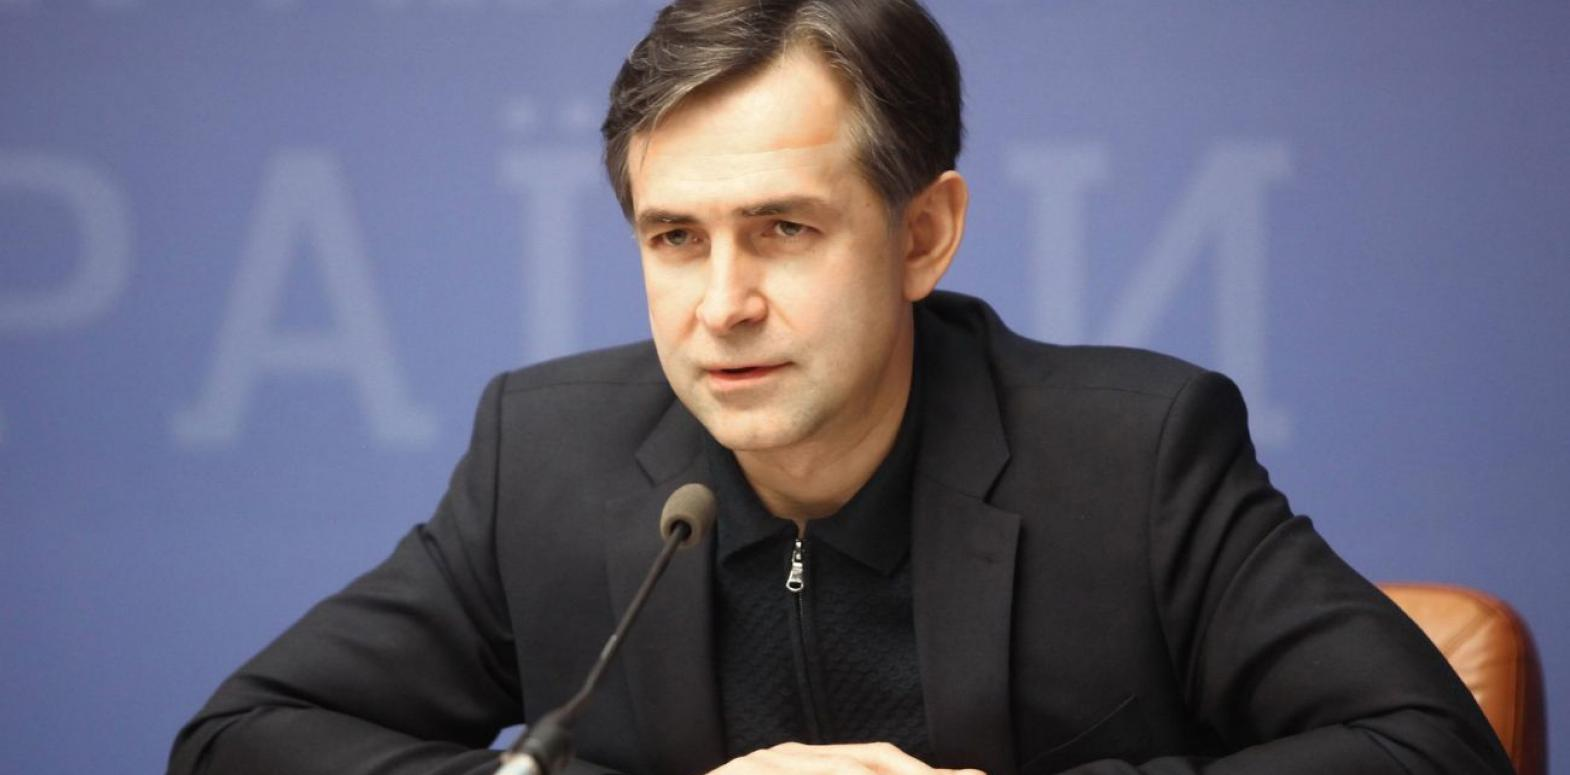 Кабмин назначил исполняющего обязанности премьера в случае отсутствия Шмыгаля